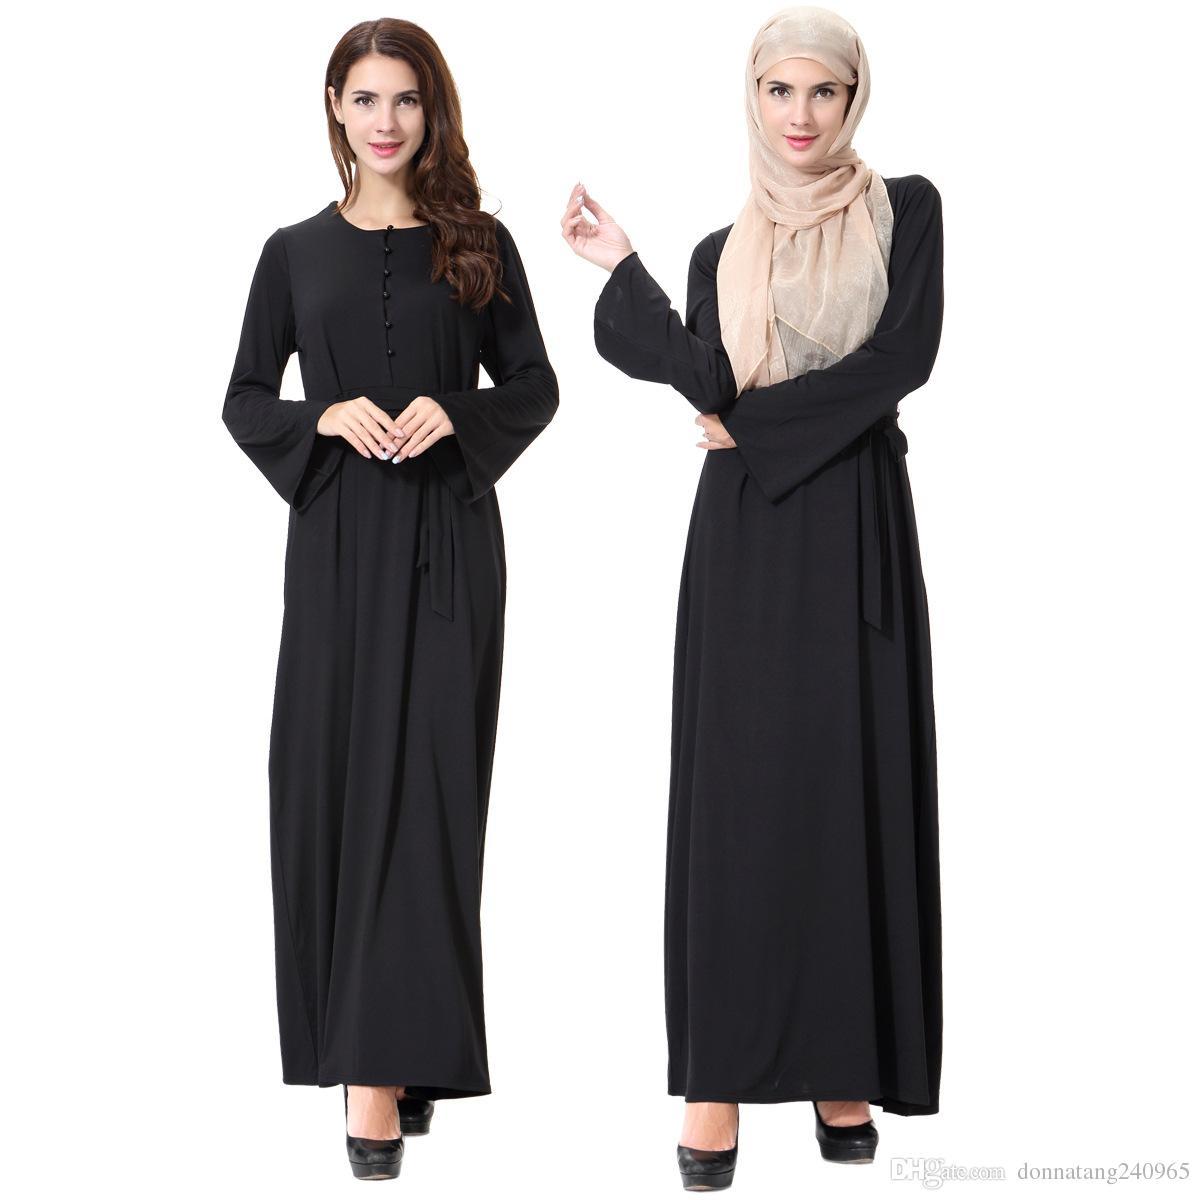 Le donne musulmane maniche lunghe Dubai Maxi abito abaya jalabiya donne islamiche vestono veste abiti caftano moda legato vestito marocchino